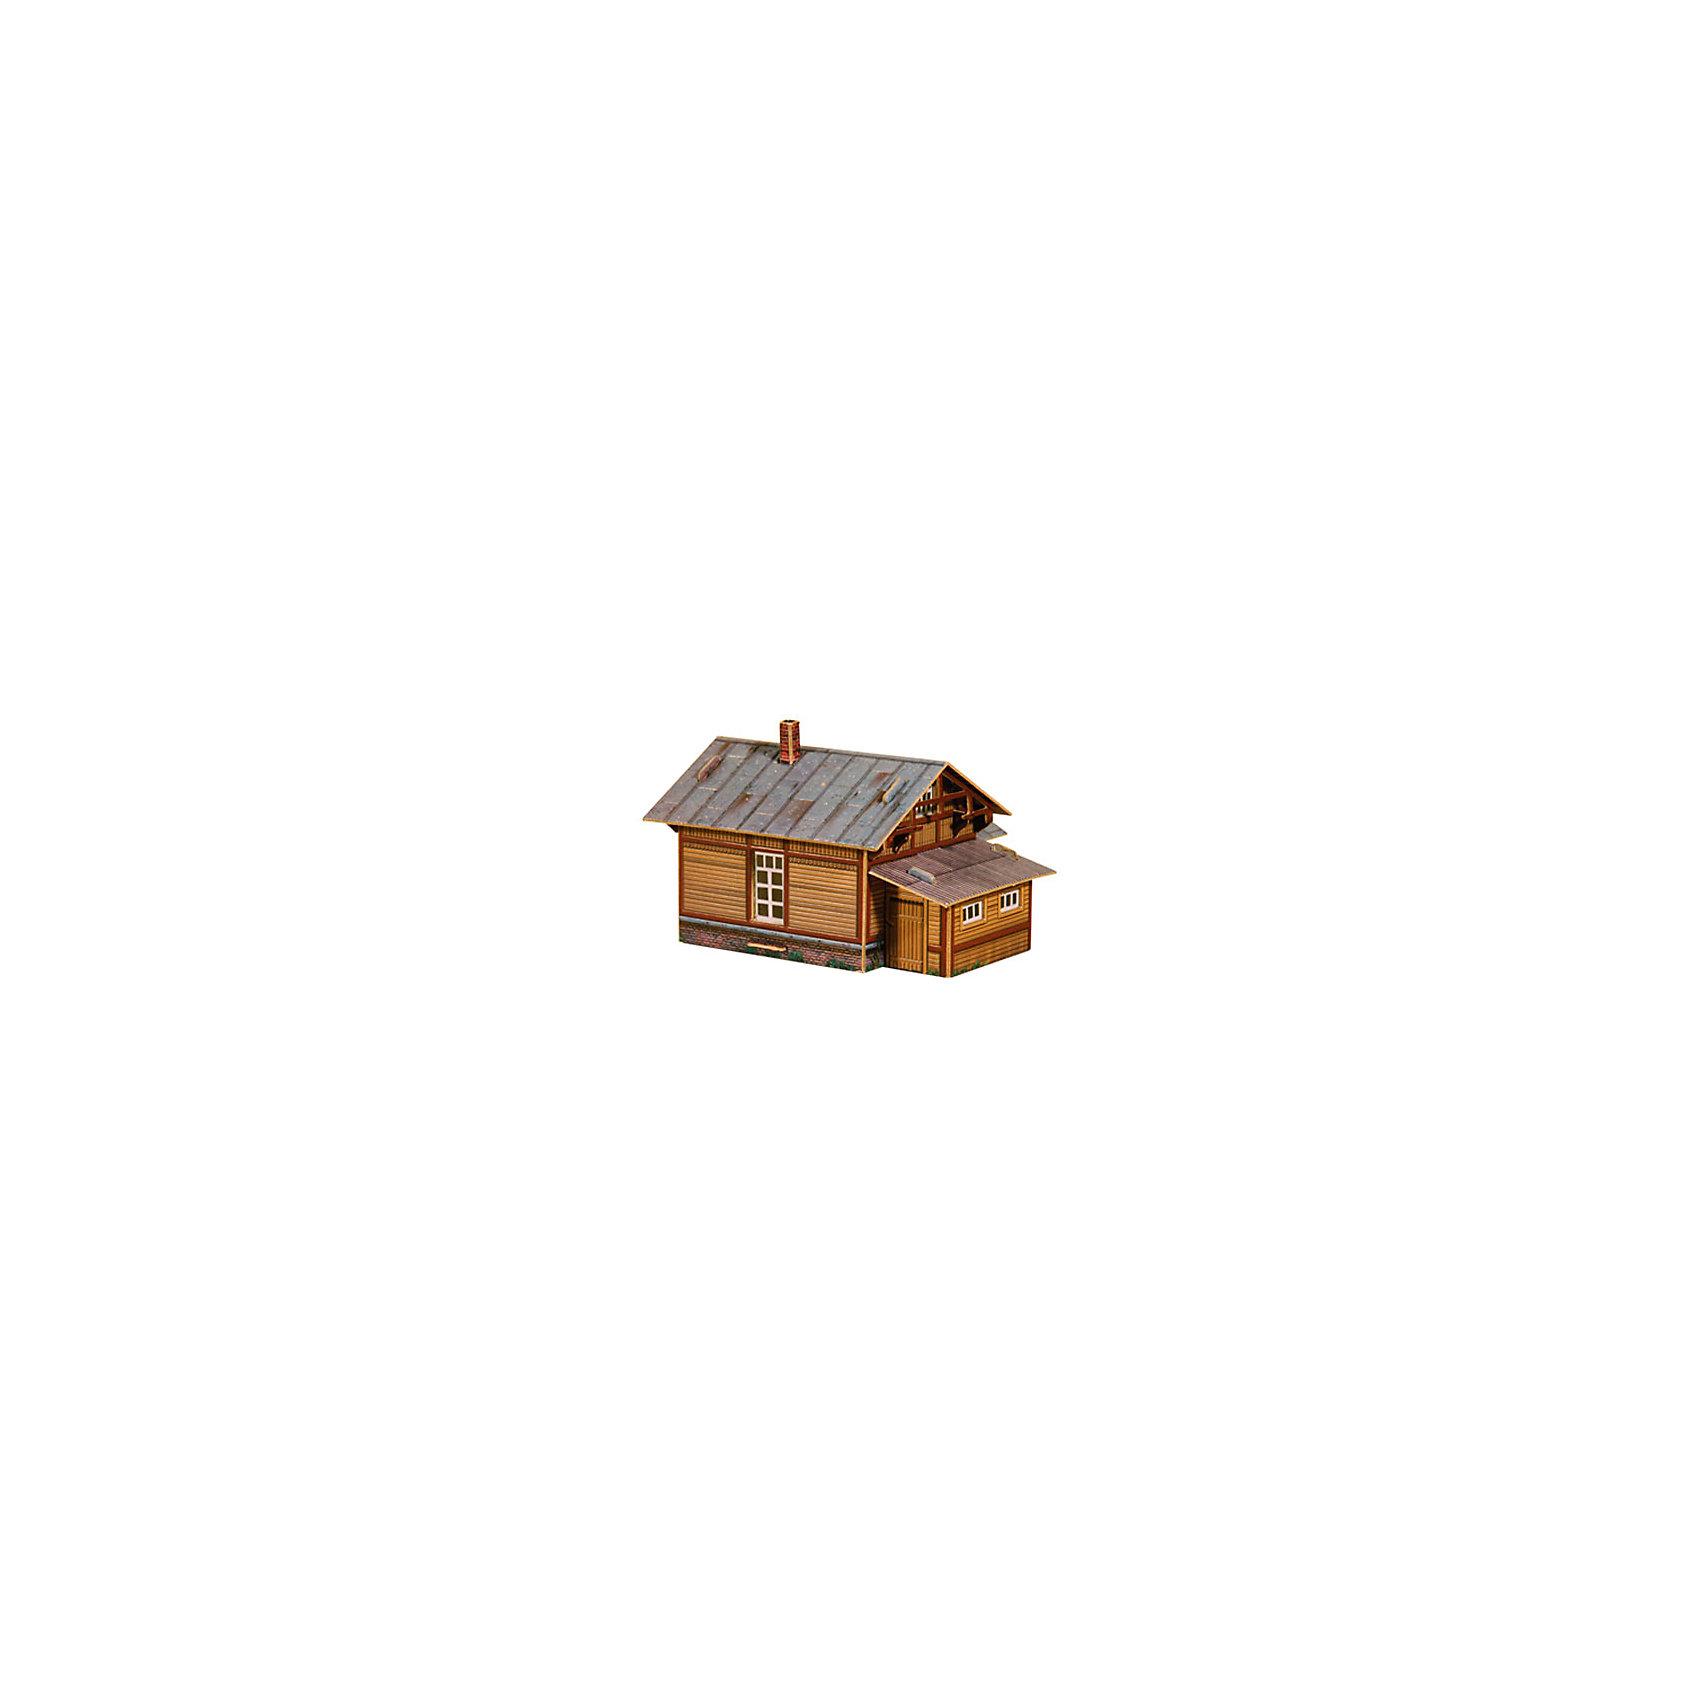 Сборная модель Путевая сторожкаБумажные модели<br>Путевая сторожка (деревянная) - Сборная модель из картона. Серия: Масштабные модели. Количество деталей, шт: 17. Размер в собранном виде, см: 11 х 7 х 7,5. Размер упаковки, мм.:  высота 242 ширина 173 глубина 2. Тип упаковки: Пакет ПП с подвесом. Вес, гр.: 45. Возраст: от 9 лет. Все модели и игрушки, созданные по технологии УМНАЯ БУМАГА собираются без ножниц и клея, что является их неповторимой особенностью.<br>Принцип соединения деталей запатентован. Соединения деталей продуманы и просчитаны с такой точностью, что при правильной сборке с моделью можно играть, как с обычной игрушкой.<br><br>Ширина мм: 173<br>Глубина мм: 2<br>Высота мм: 242<br>Вес г: 45<br>Возраст от месяцев: 108<br>Возраст до месяцев: 2147483647<br>Пол: Унисекс<br>Возраст: Детский<br>SKU: 4807445